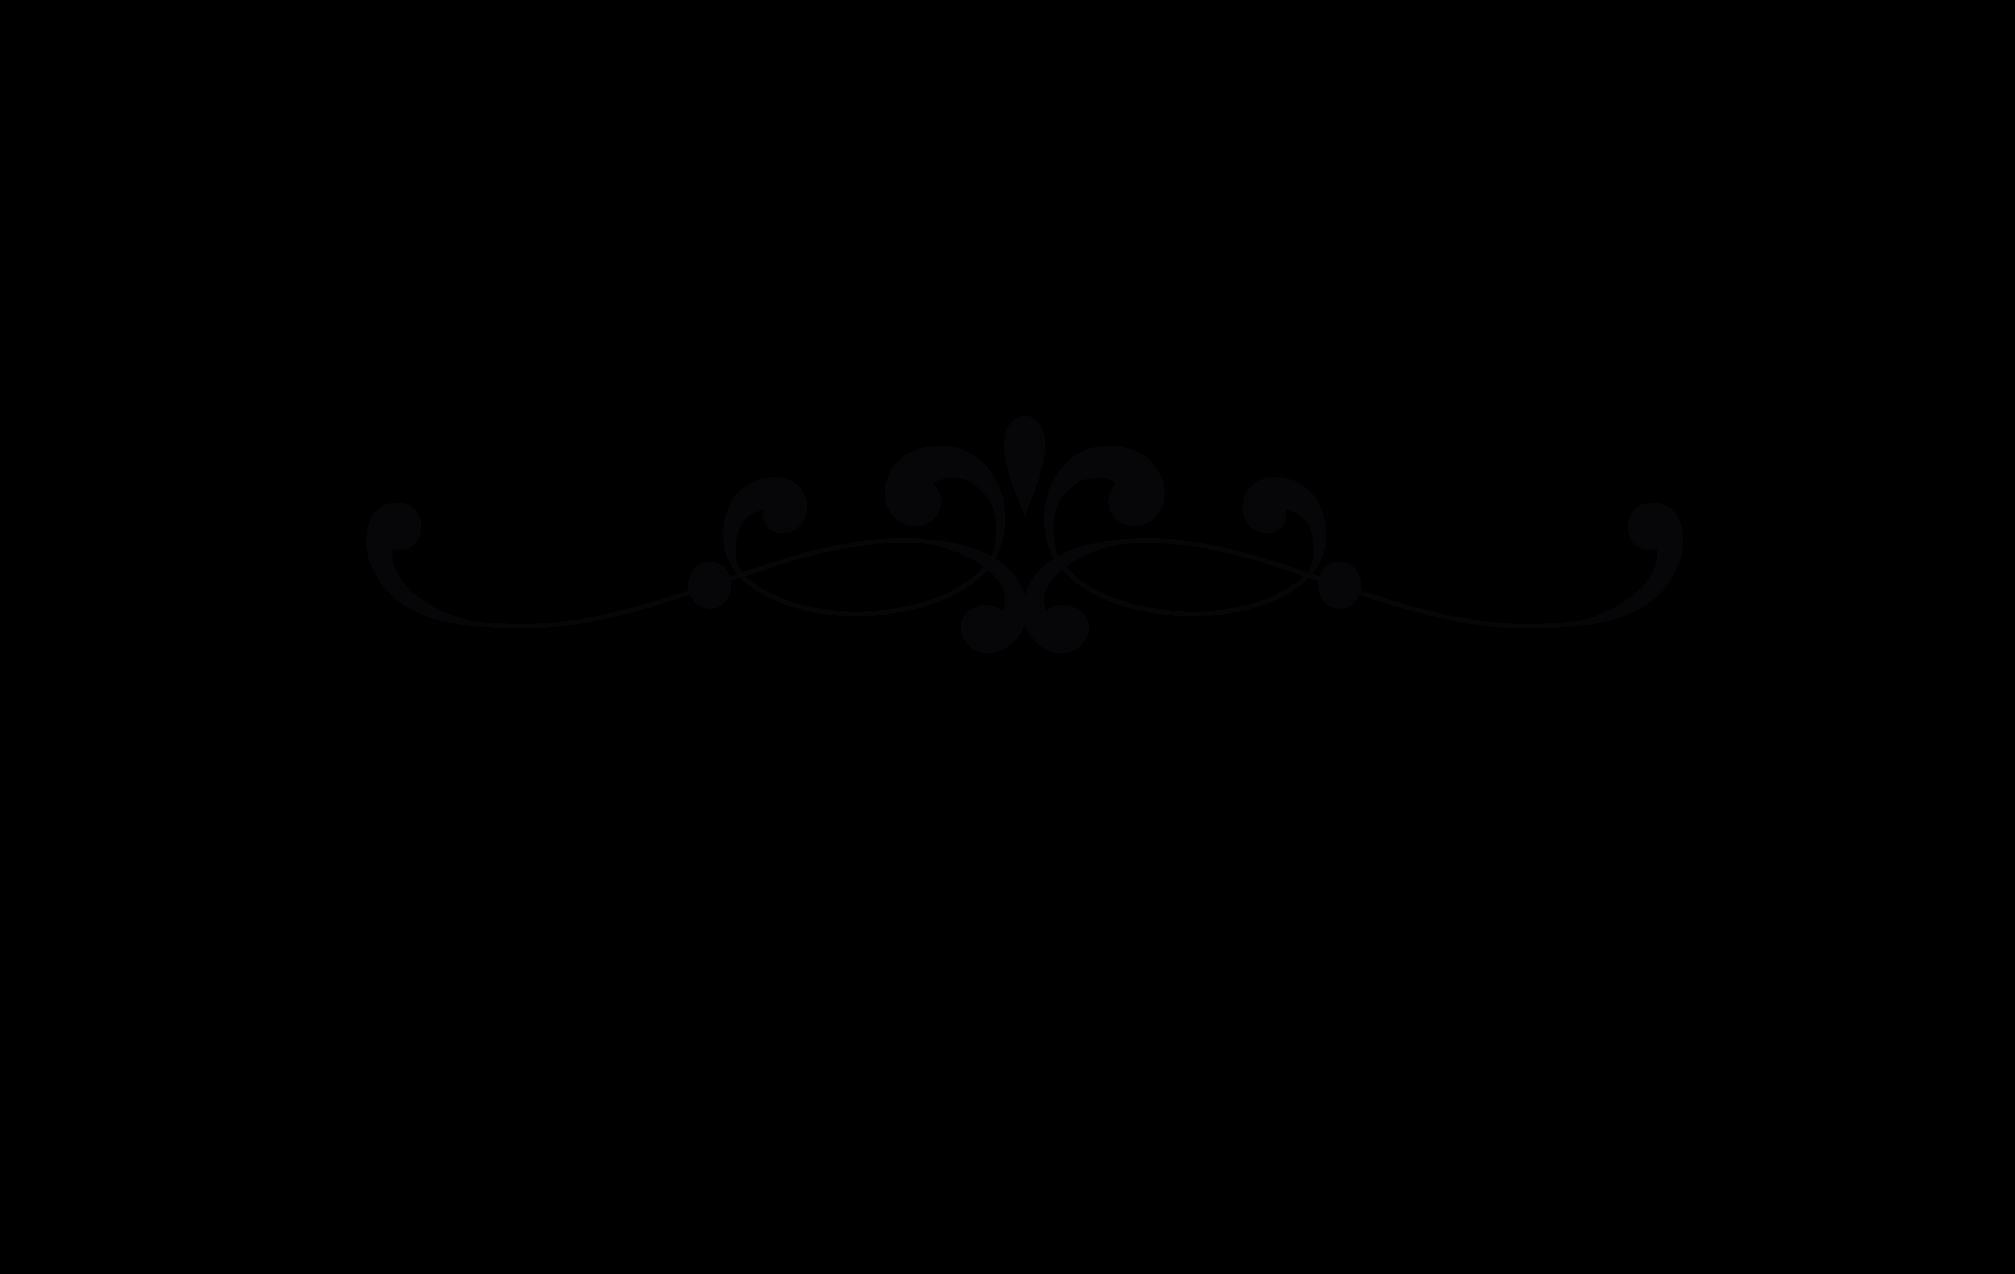 Soft Cactus - logo w&b - 300dpi